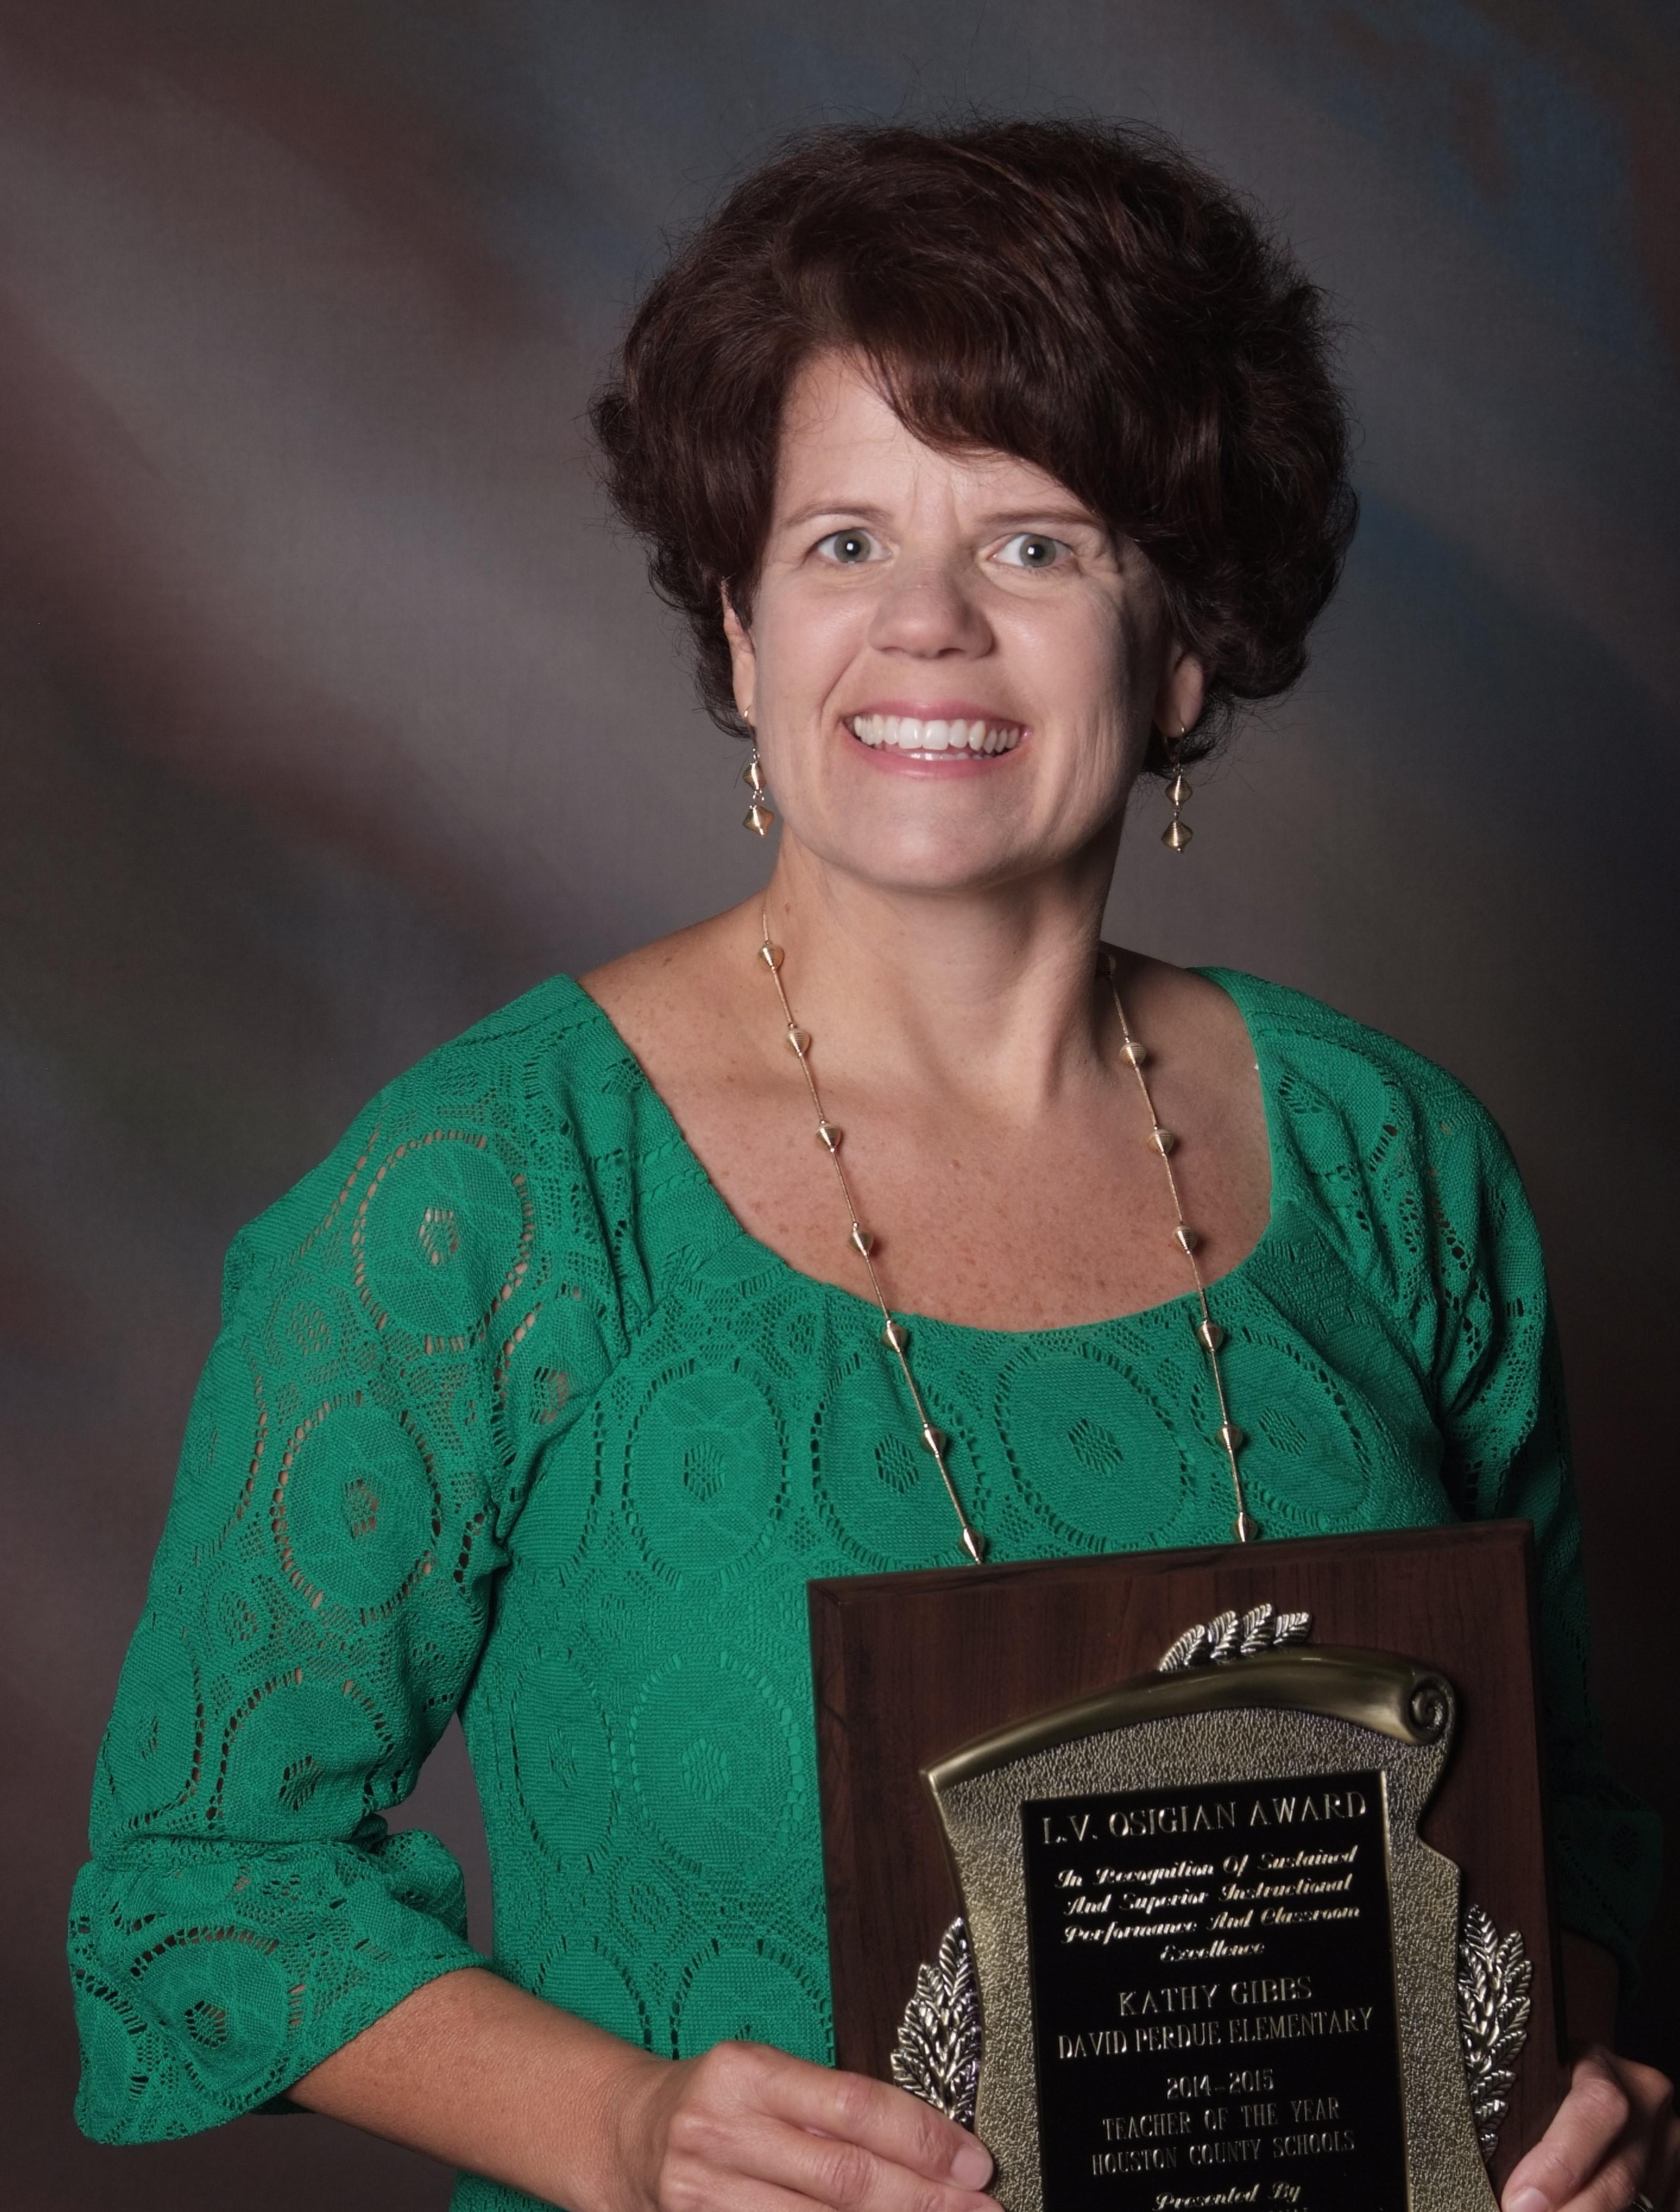 Kathy Gibbs